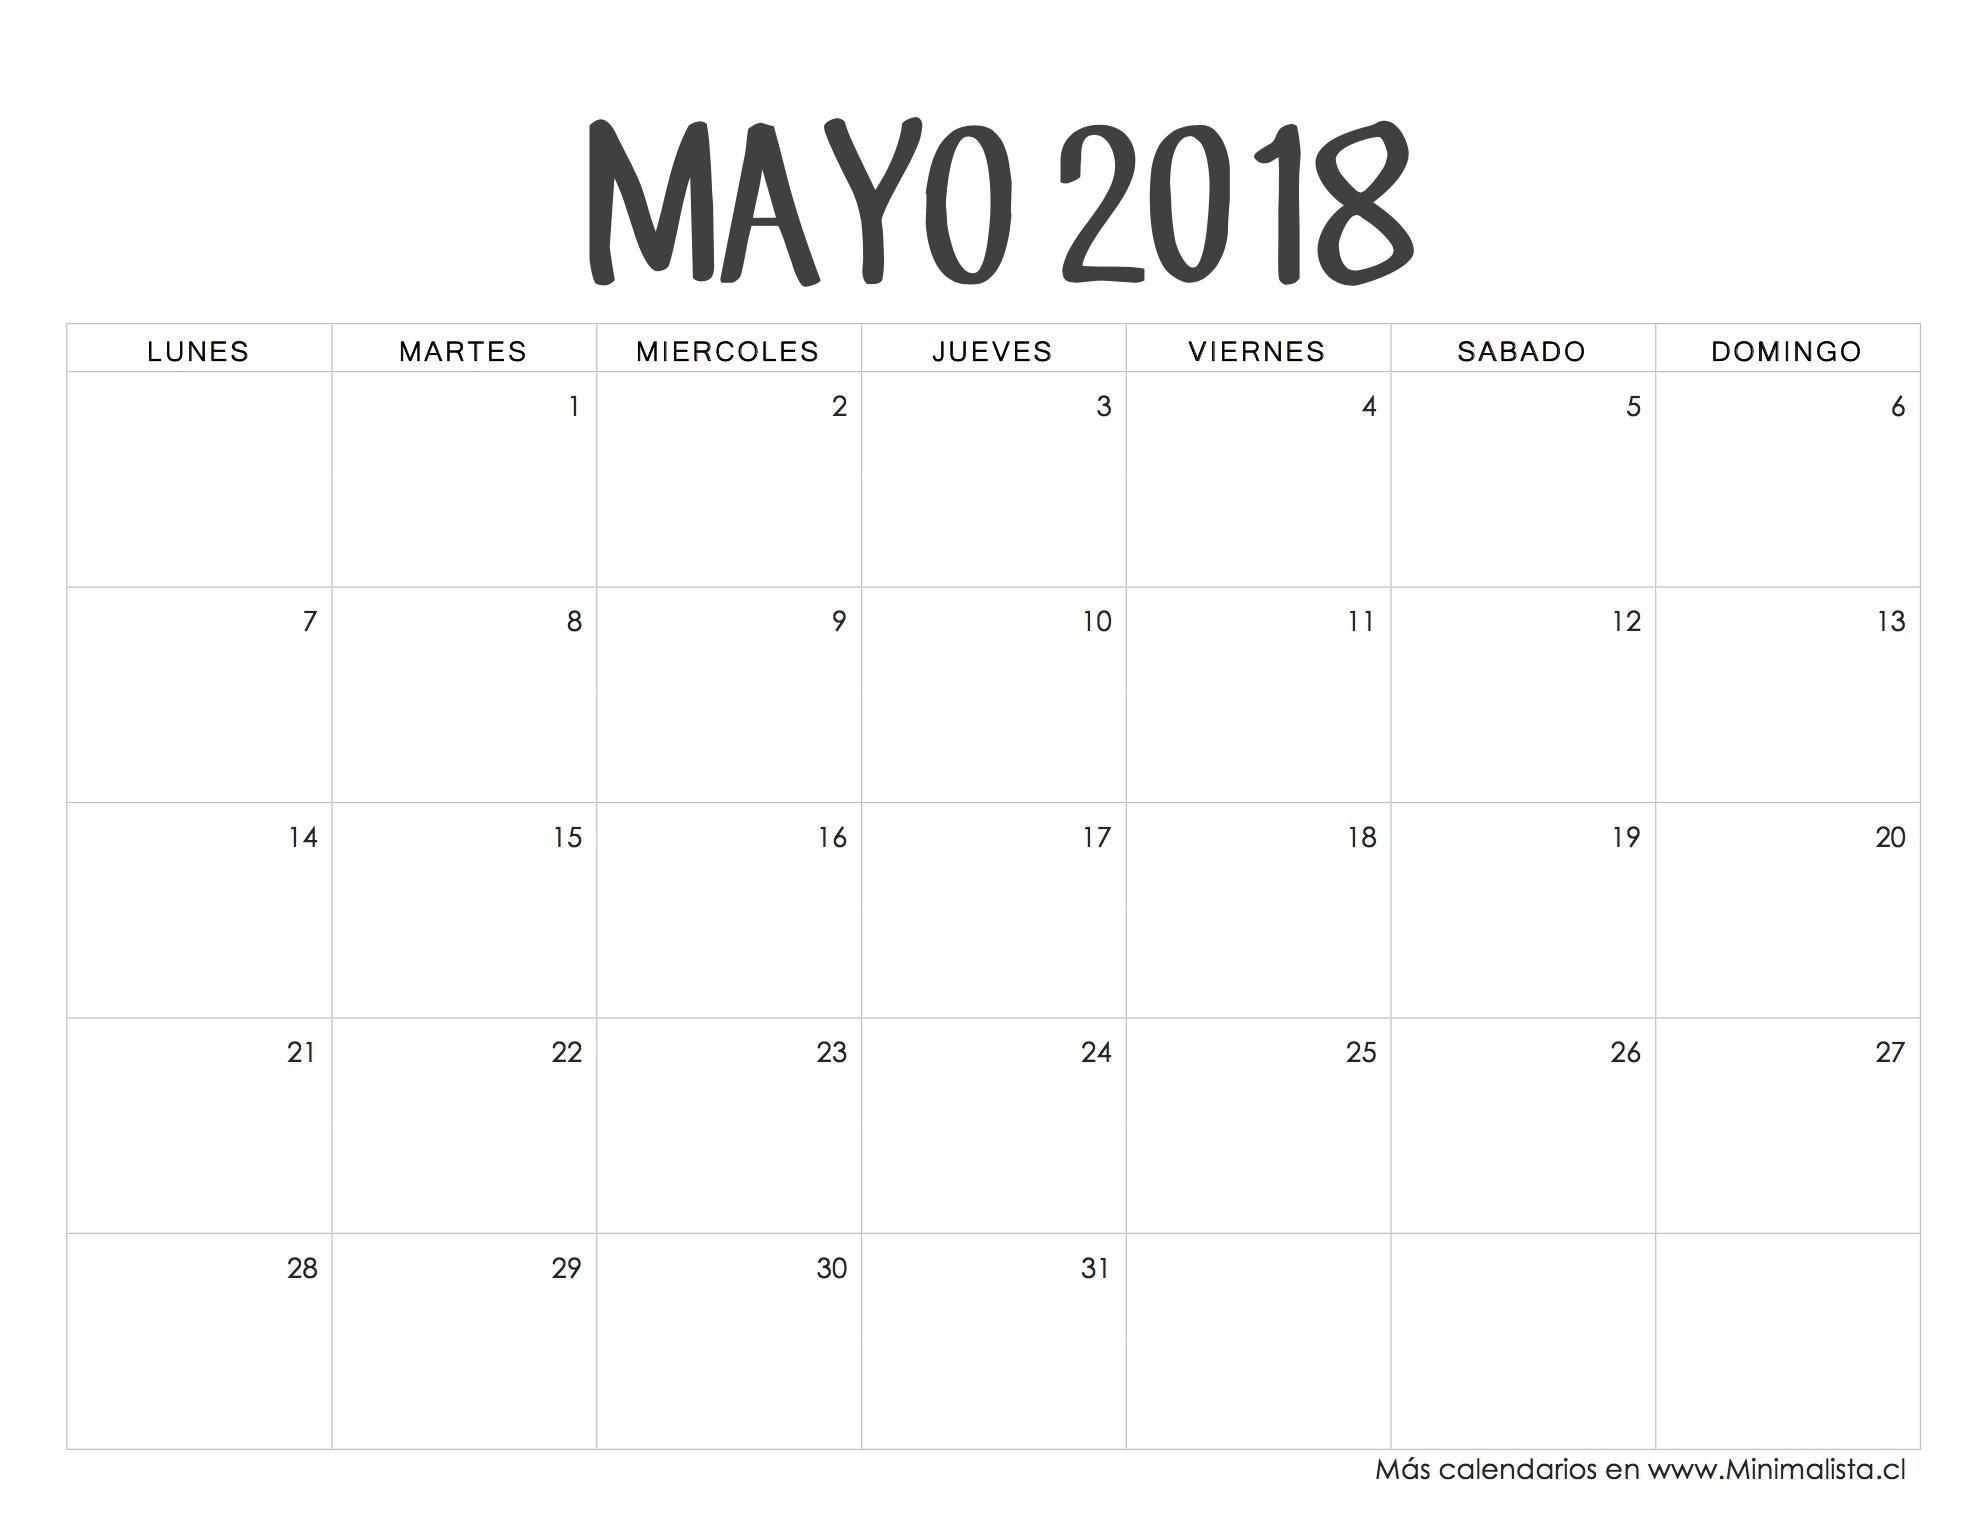 Calendario Colombiano 2019 Para Imprimir Más Arriba-a-fecha Resultado De Imagen De Calendario 2018 Bonito Lettering Of Calendario Colombiano 2019 Para Imprimir Mejores Y Más Novedosos Programas Y Proyectos De Inversi³n En Ejecuci³n